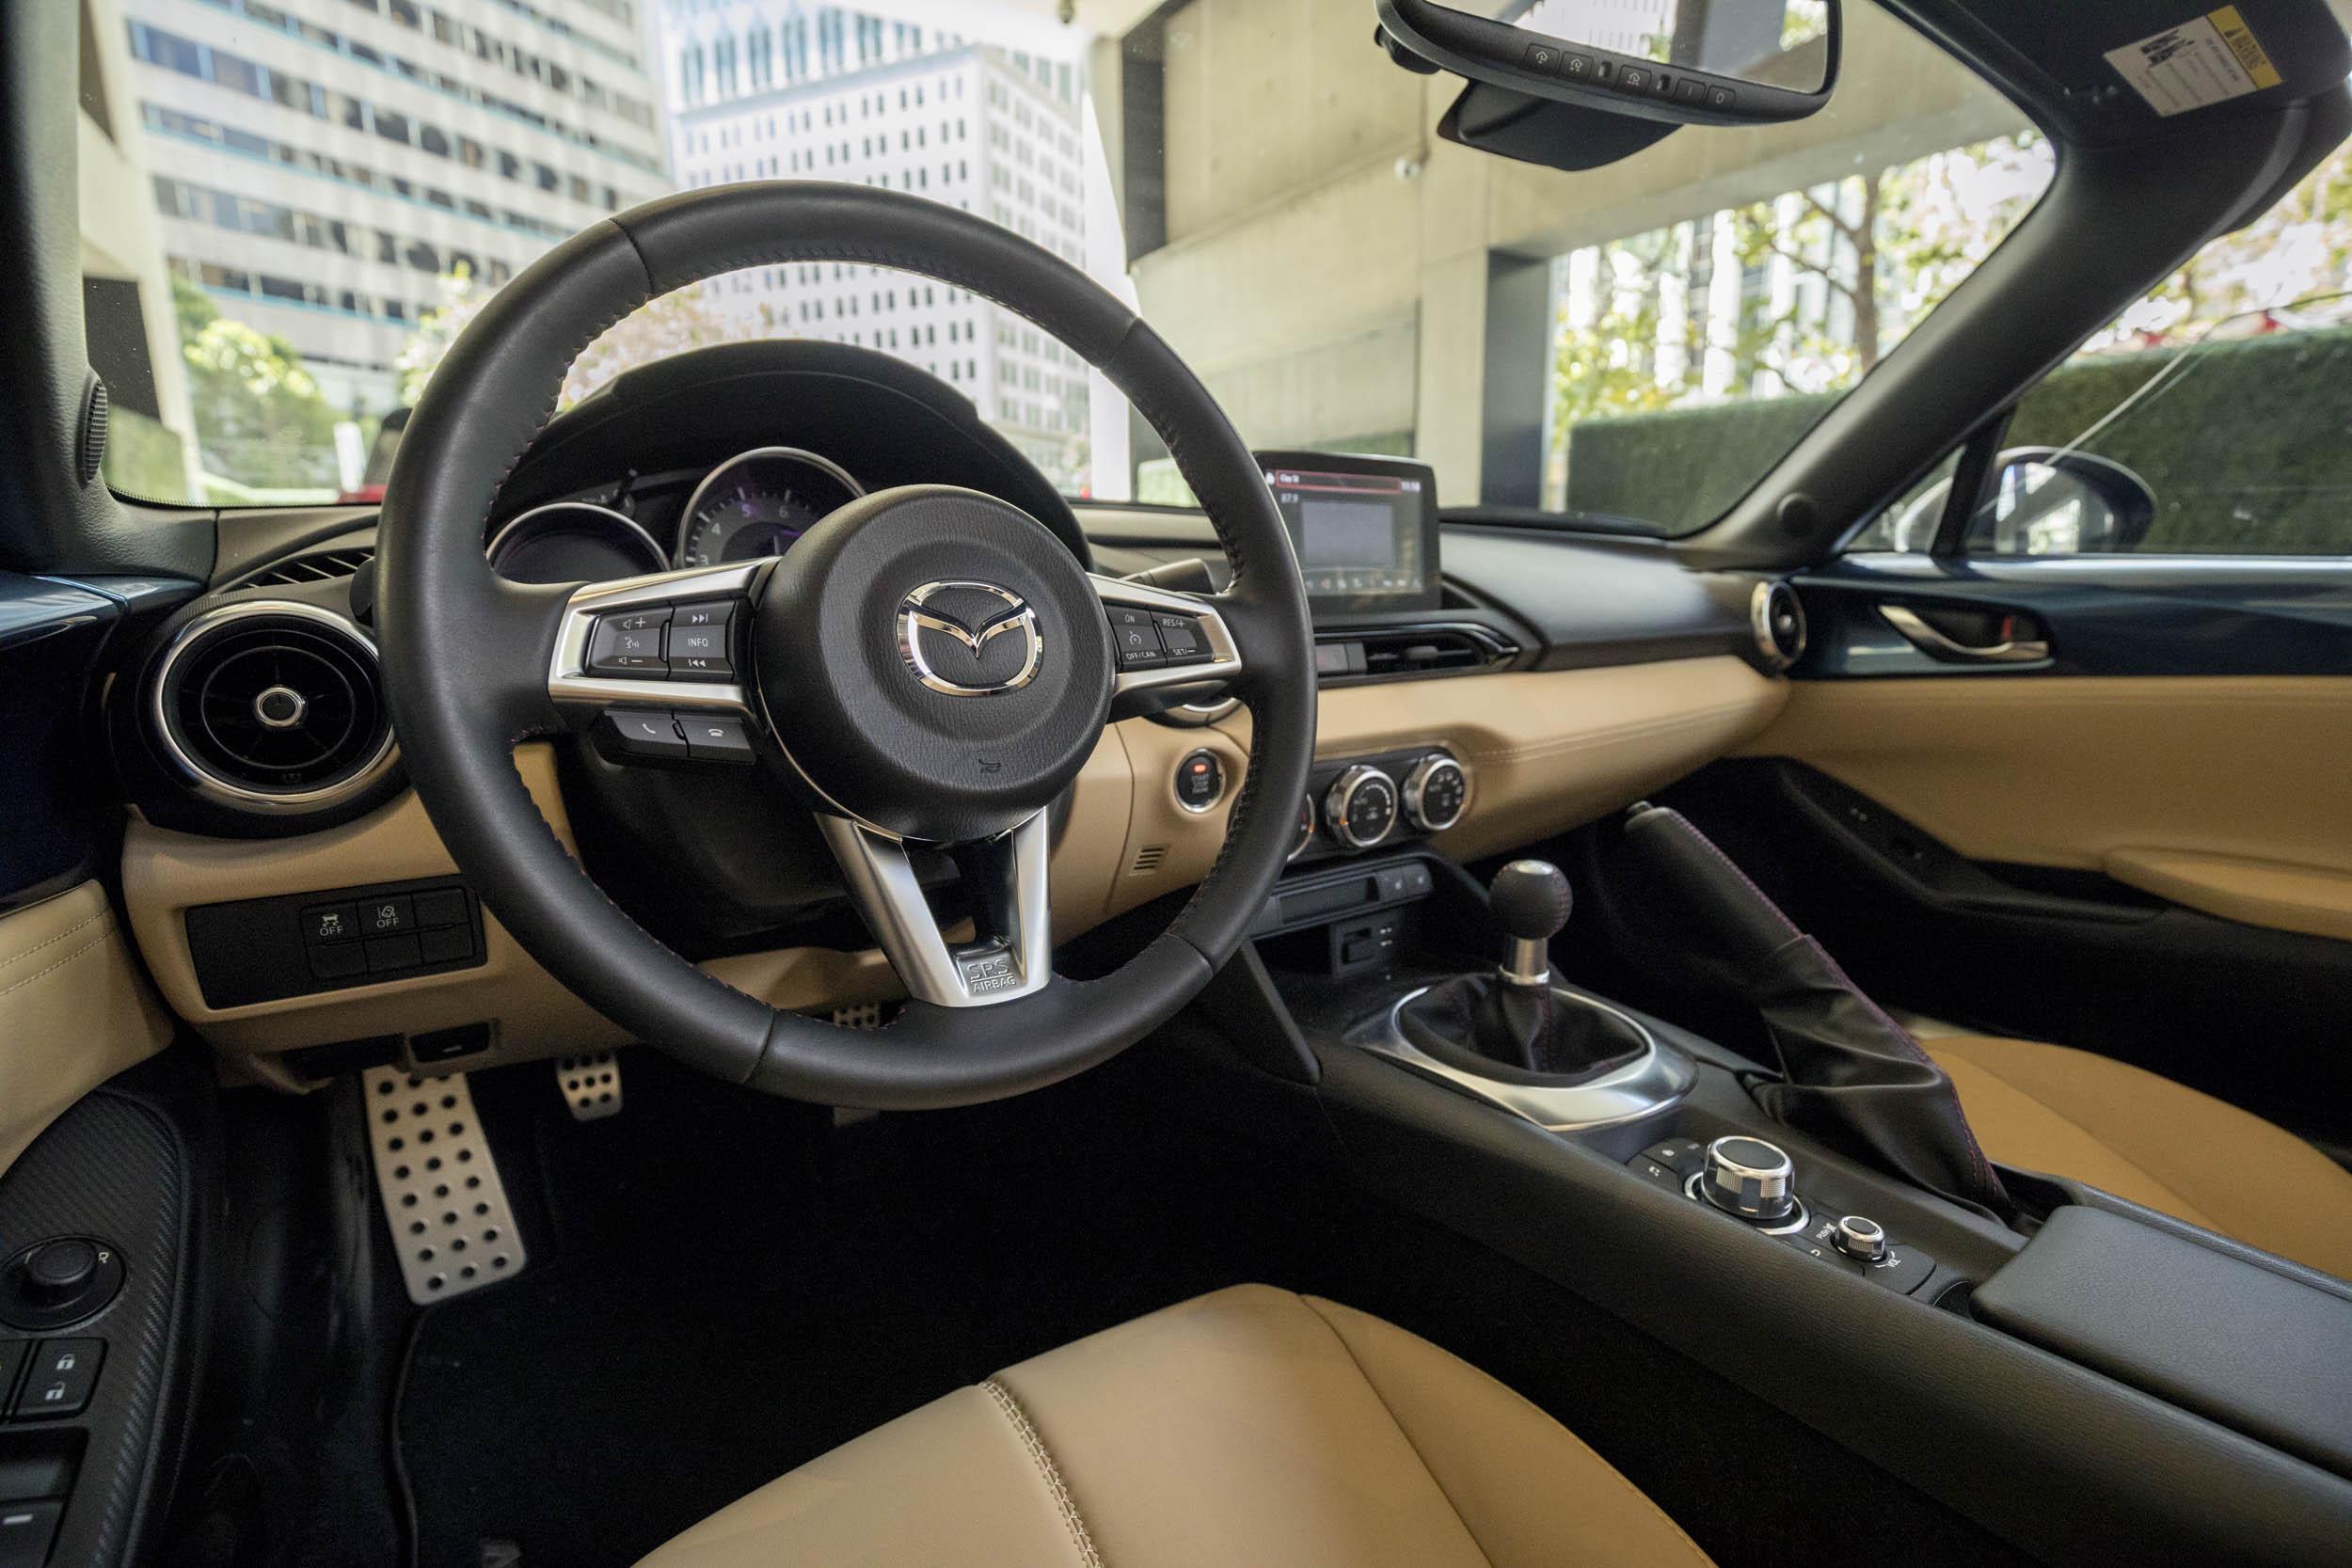 2019 Mazda MX-5 Miata Roadster interior